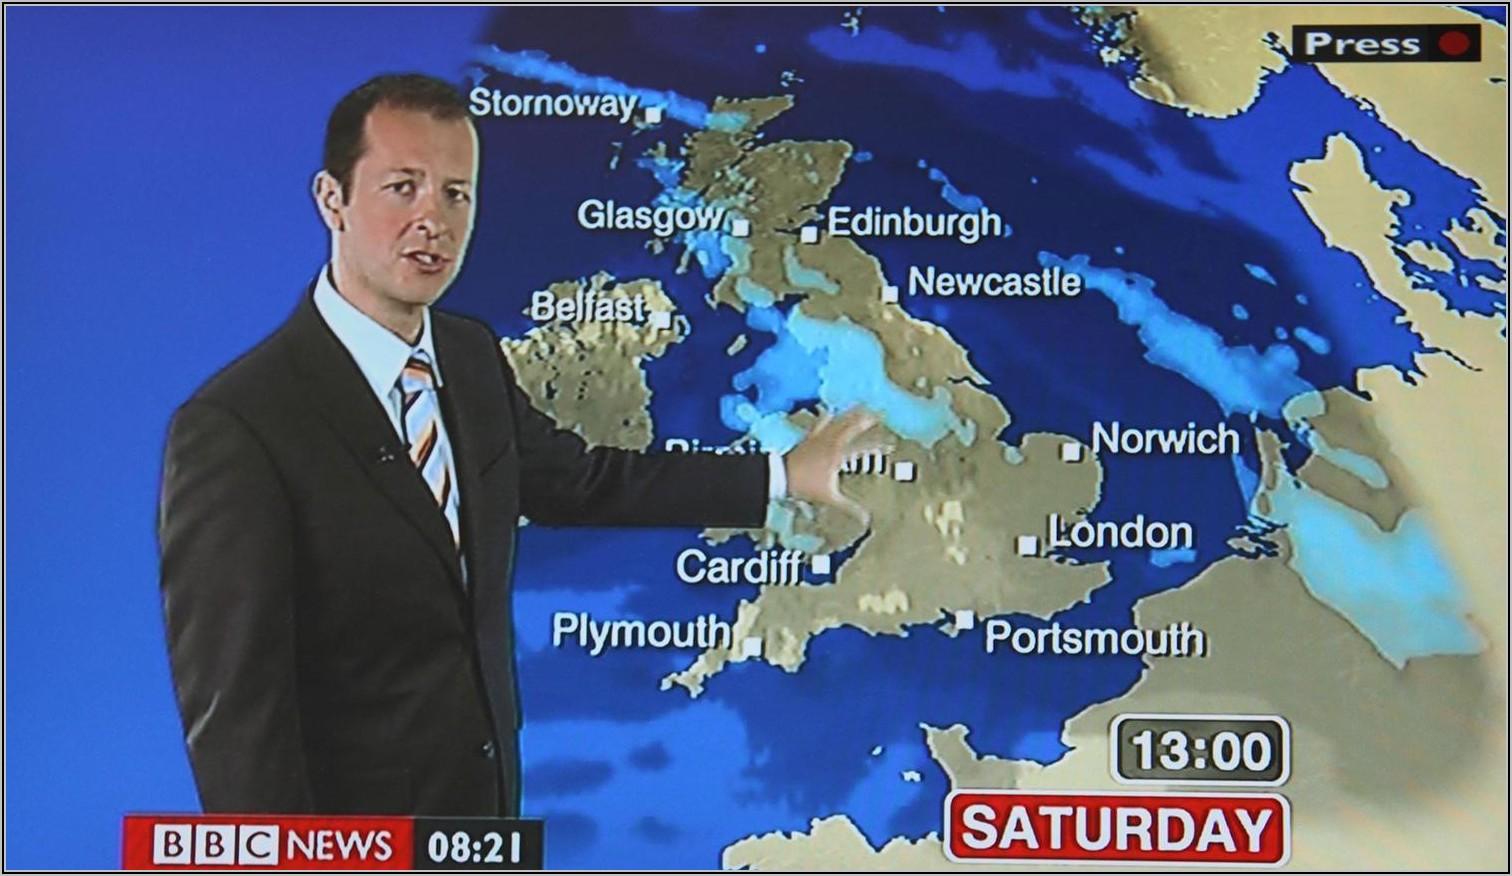 Bbc Europe Weather Forecast Map